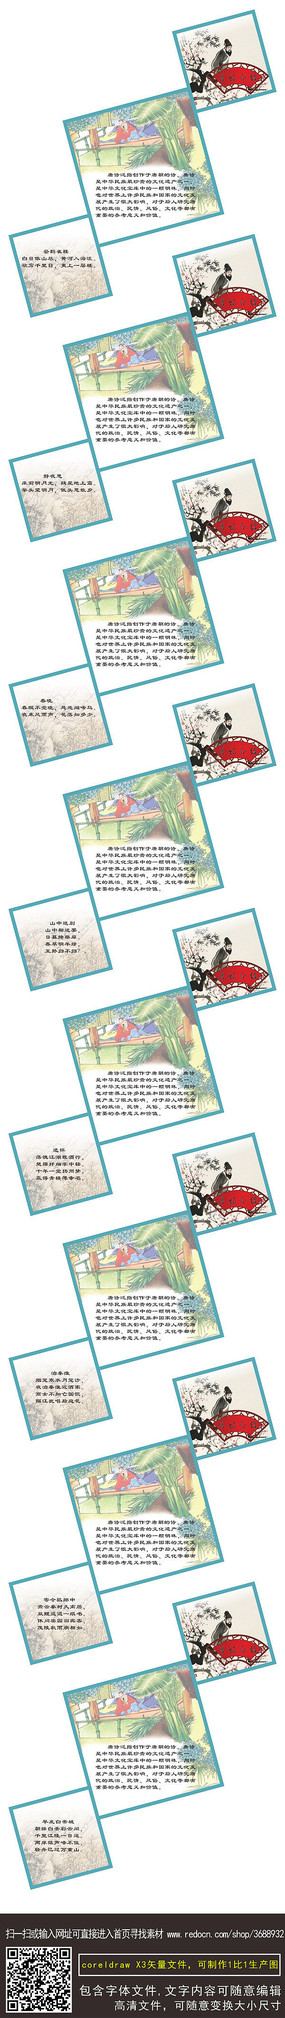 校园楼梯文化唐诗宋词文化墙